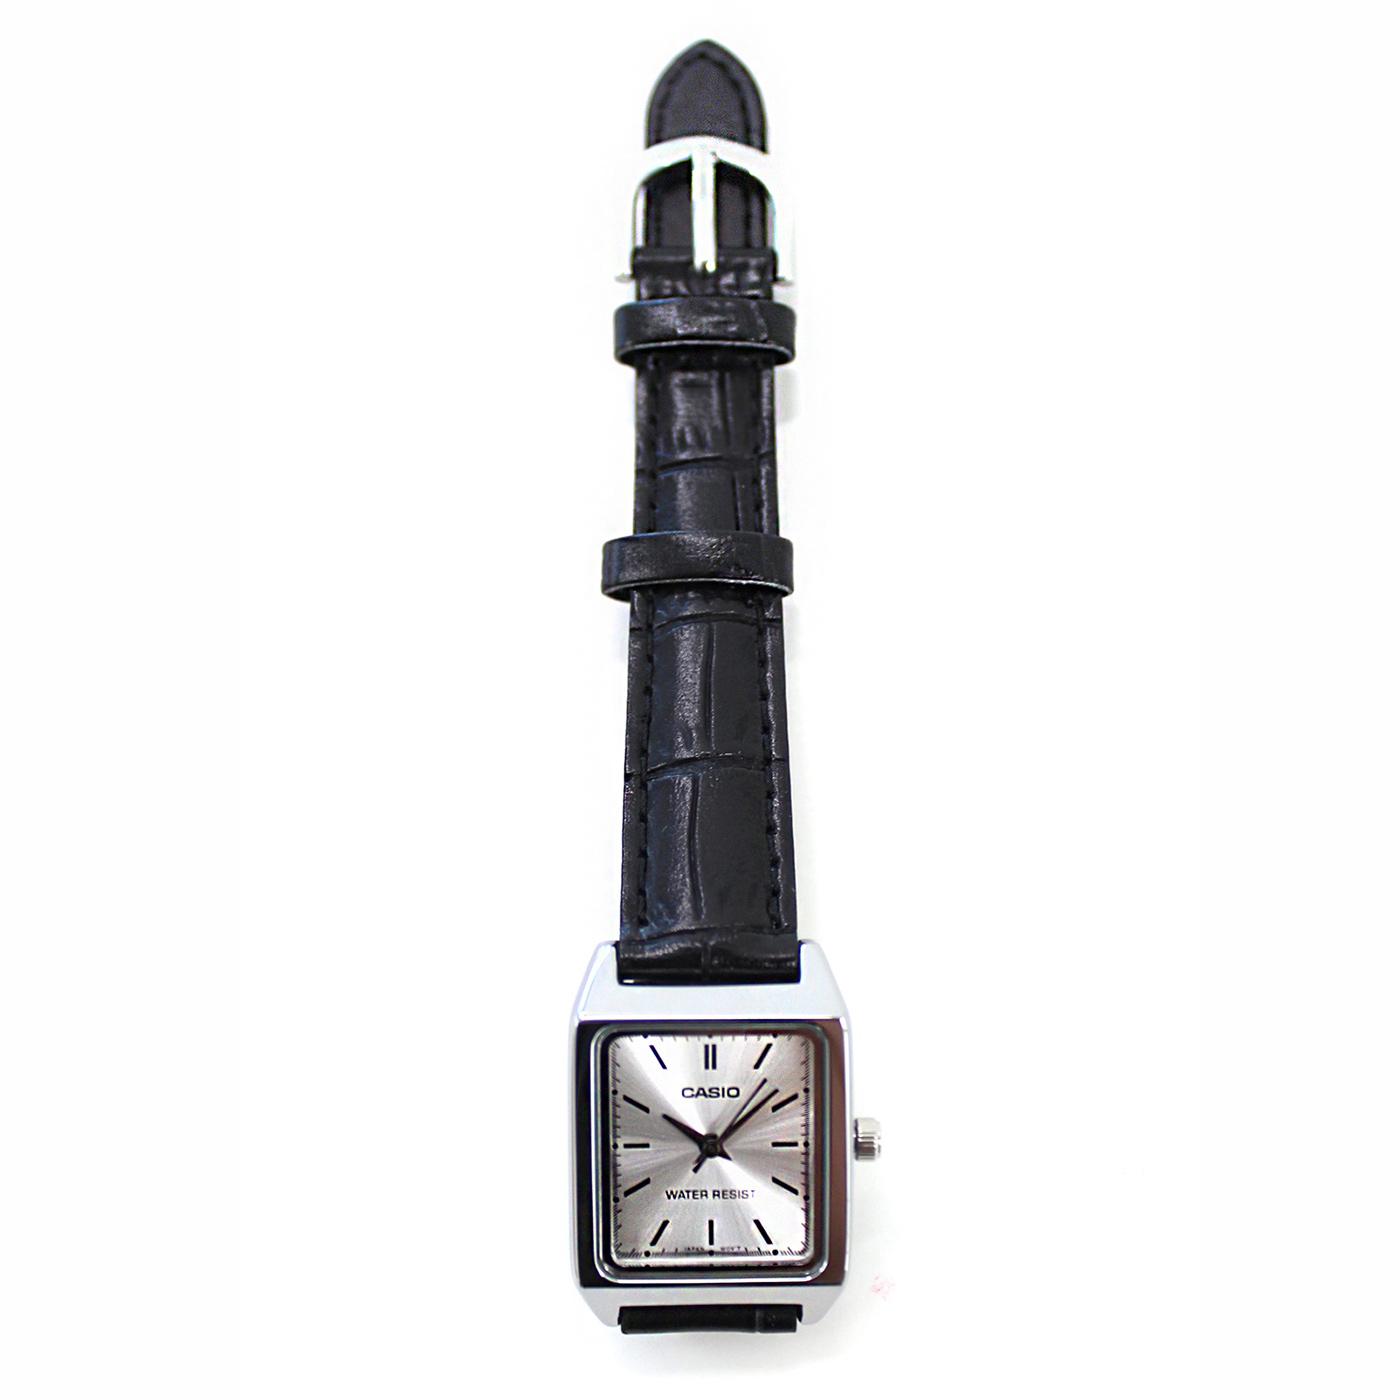 IEDIT[イディット] SELECT CASIO 腕時計レザー スクエアLTP-V007L-7E1〈ブラック〉